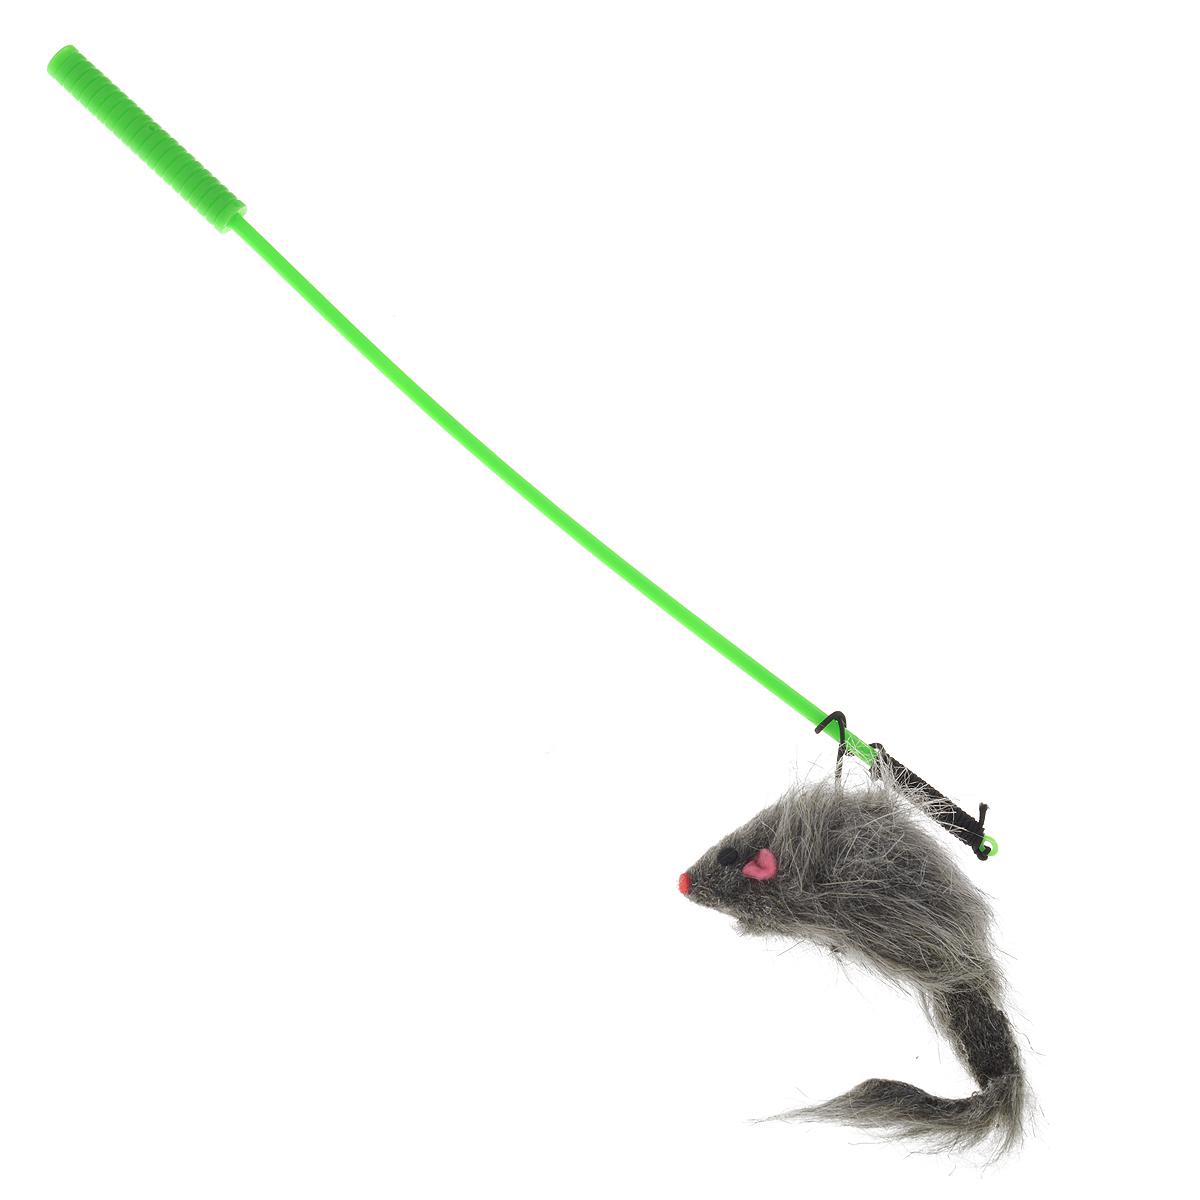 Игрушка для кошек V.I.Pet Дразнилка-удочка с мышью, цвет: серый, зеленый0120710Игрушка для кошек V.I.Pet Дразнилка-удочка с мышью, изготовленная из текстиля и пластика, прекрасно подойдет для веселых игр вашего пушистого любимца. Играя с этой забавной дразнилкой, маленькие котята развиваются физически, а взрослые кошки и коты поддерживают свой мышечный тонус. Яркая игрушка на конце удочки сразу привлечет внимание вашего любимца, не навредит здоровью, и увлечет его на долгое время. Длина удочки: 37 см.Размер игрушки: 10 см х 4 см х 3 см.